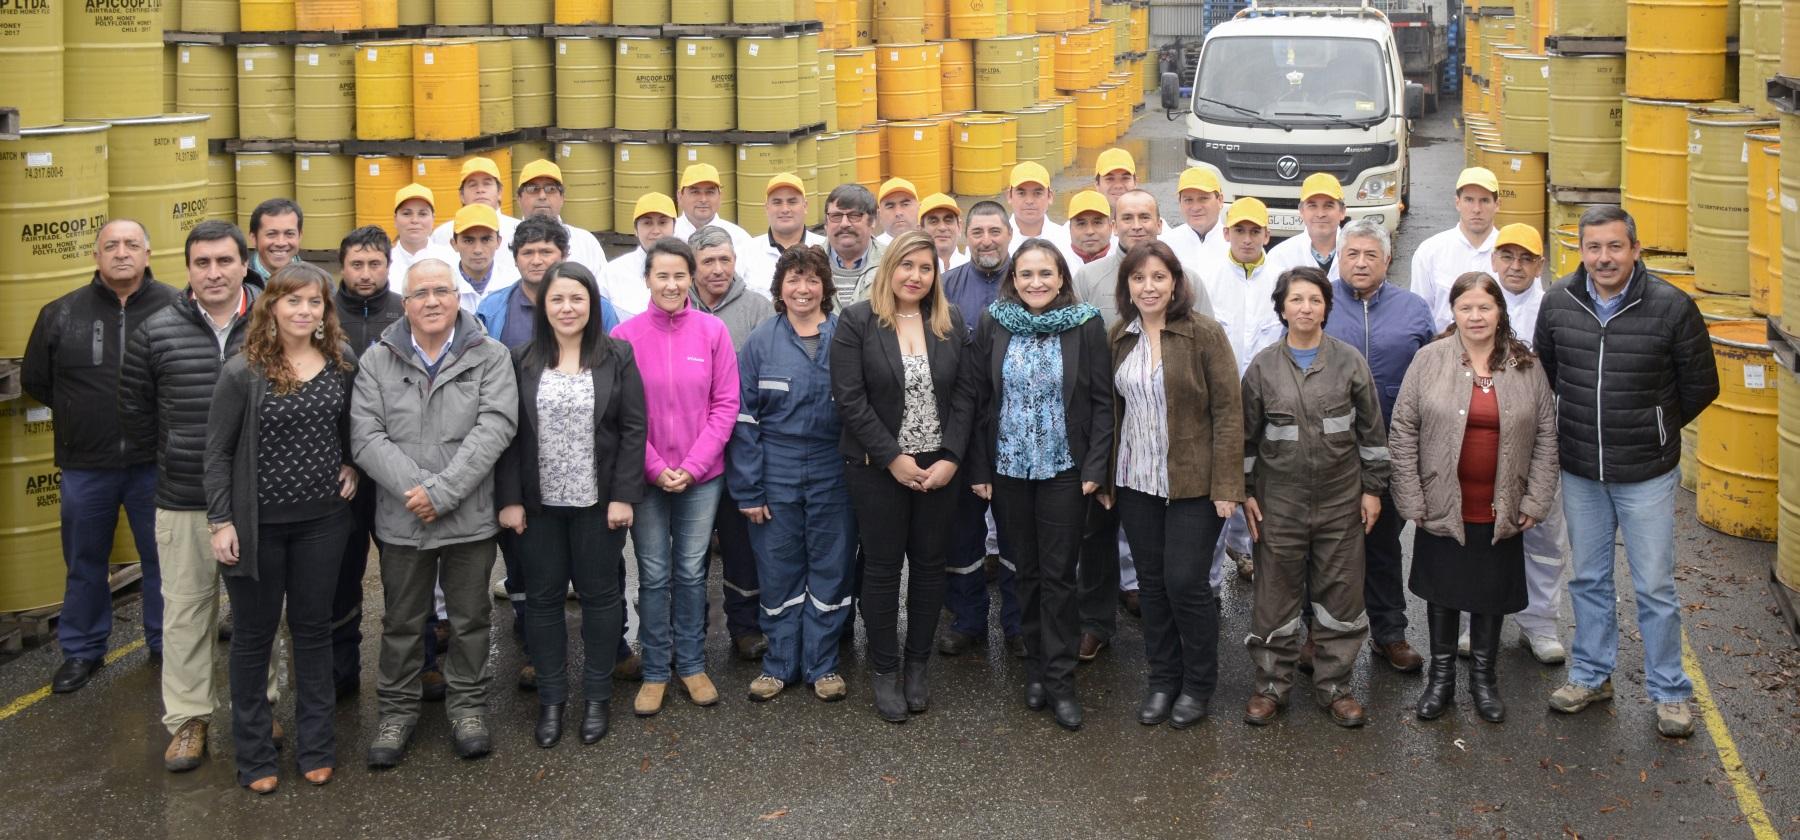 APICOOP Grupo productor Comercio Justo